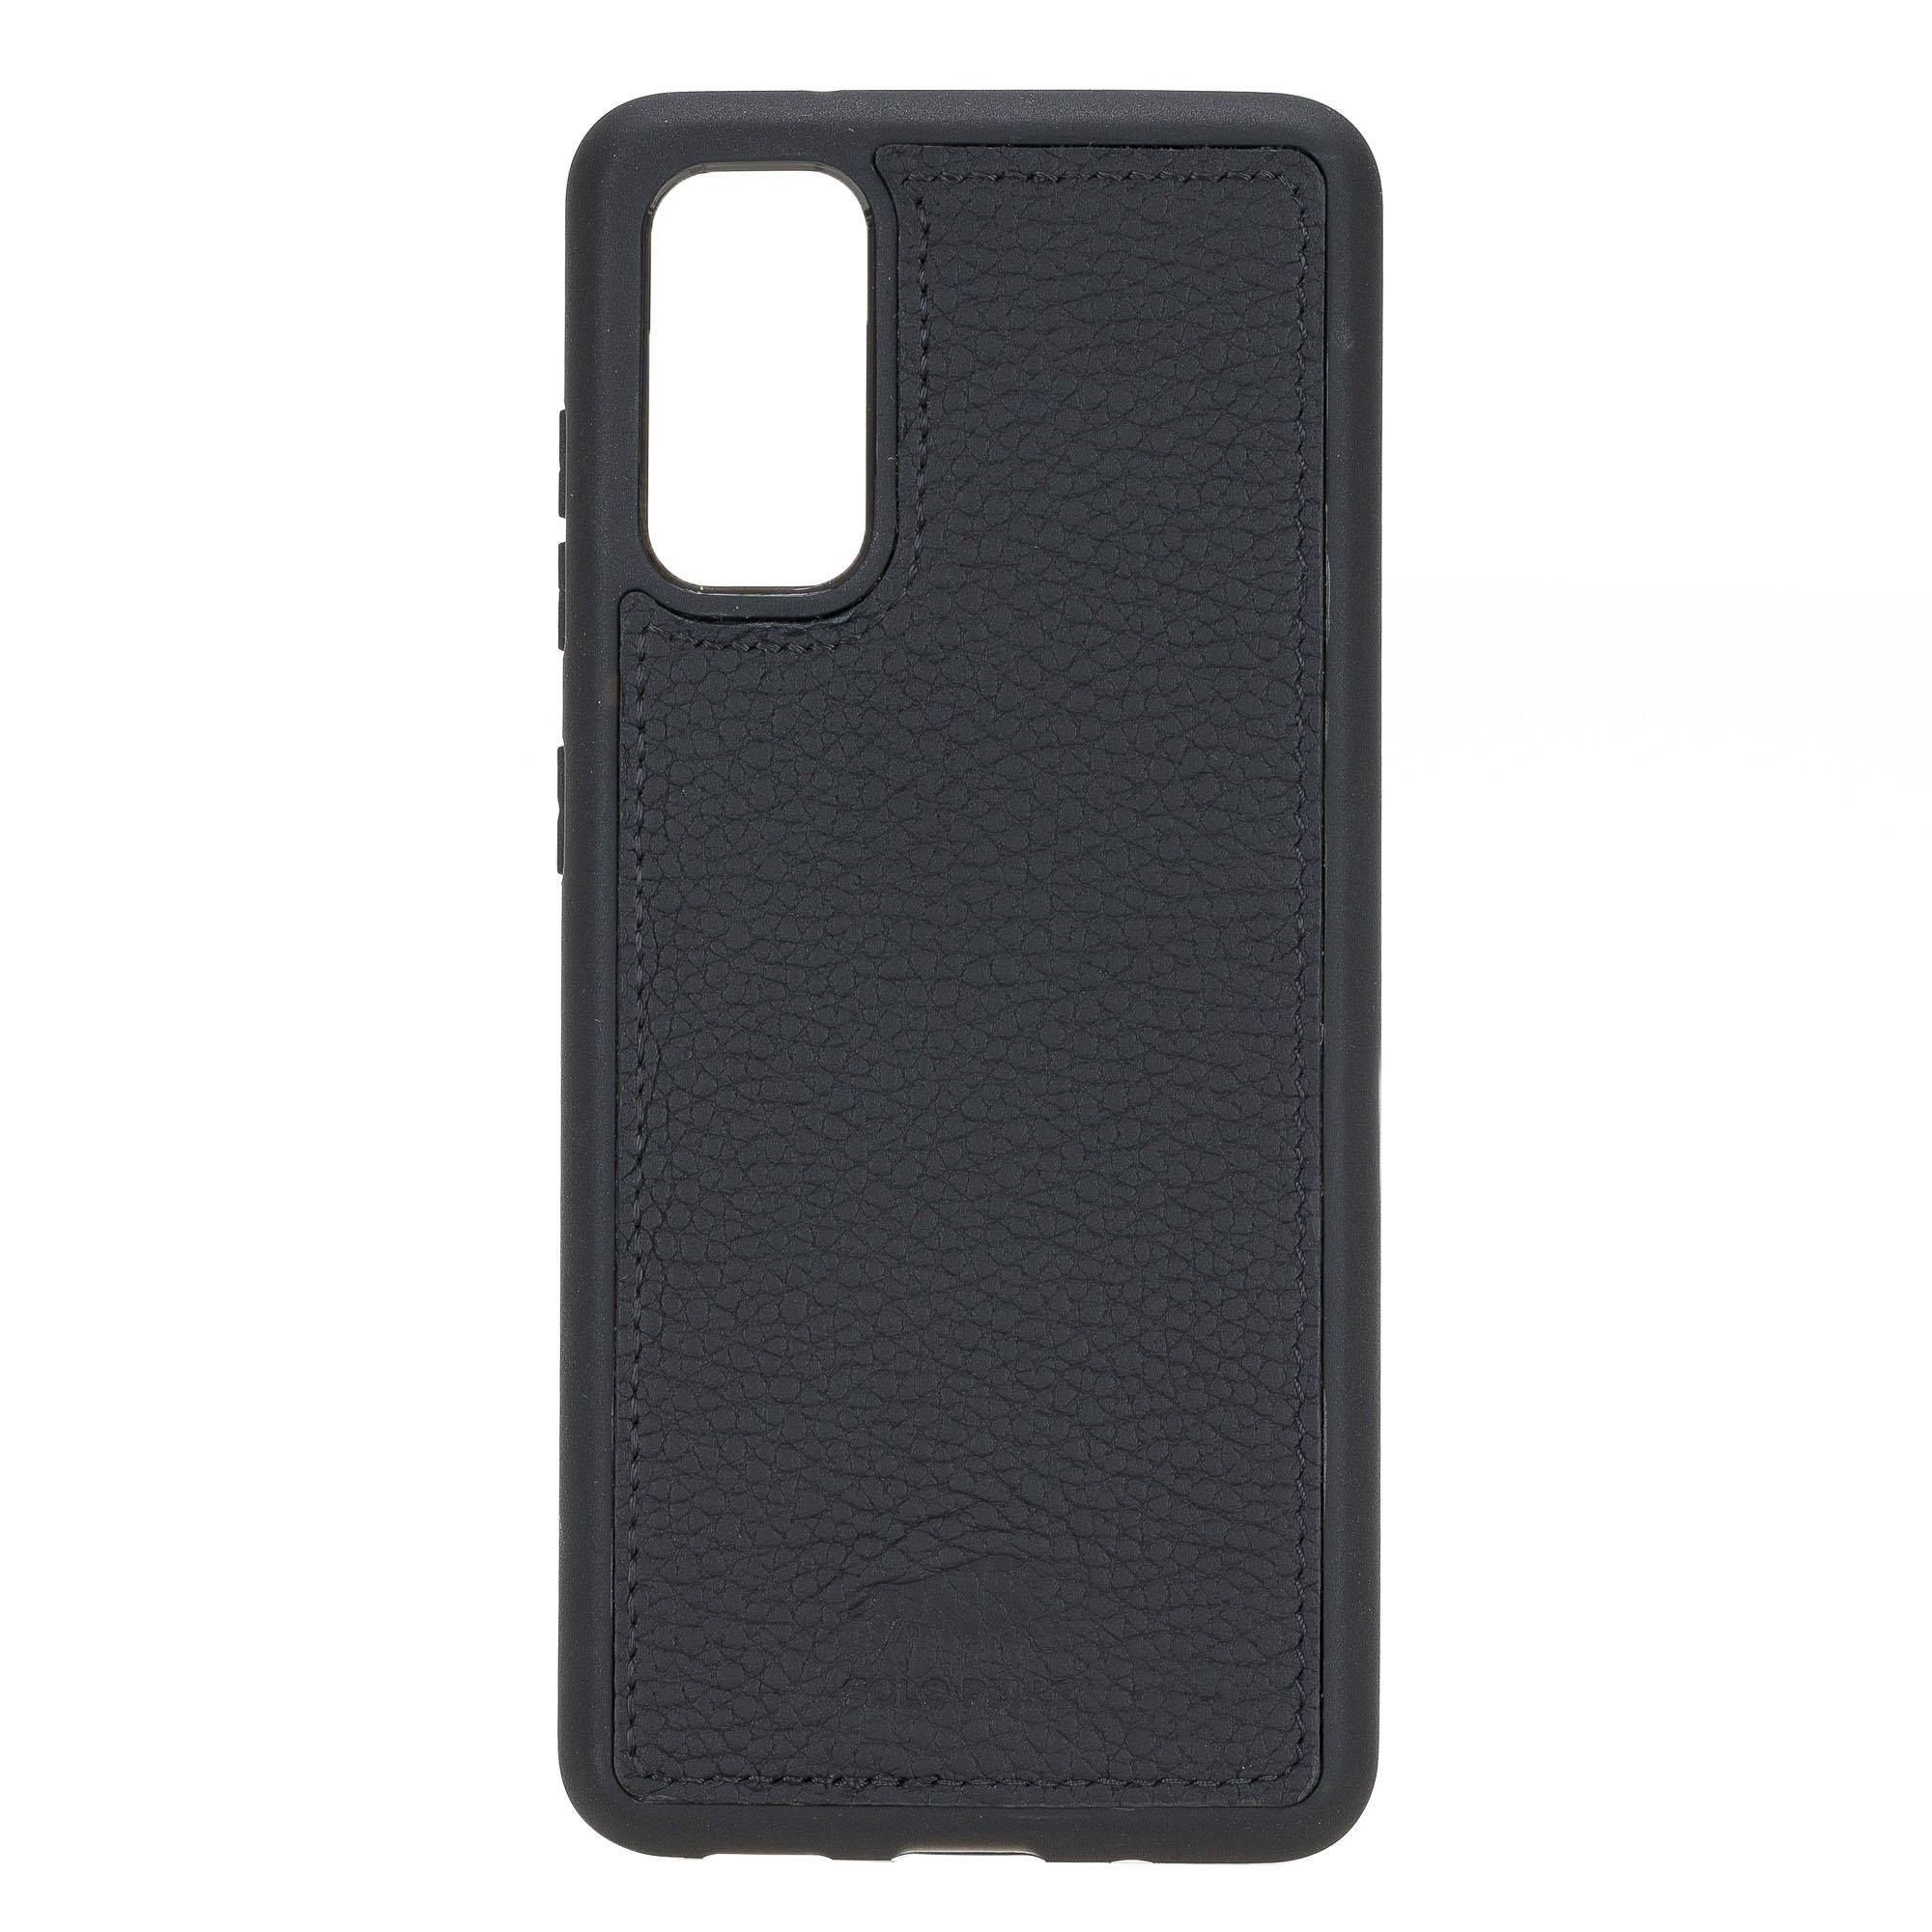 Solo Pelle Lederhülle Harvard kompatibel für das Samsung Galaxy Note20 I Note 20 inklusive abnehmbare Hülle mit integrierten Kartenfächer (Matt Schwarz)